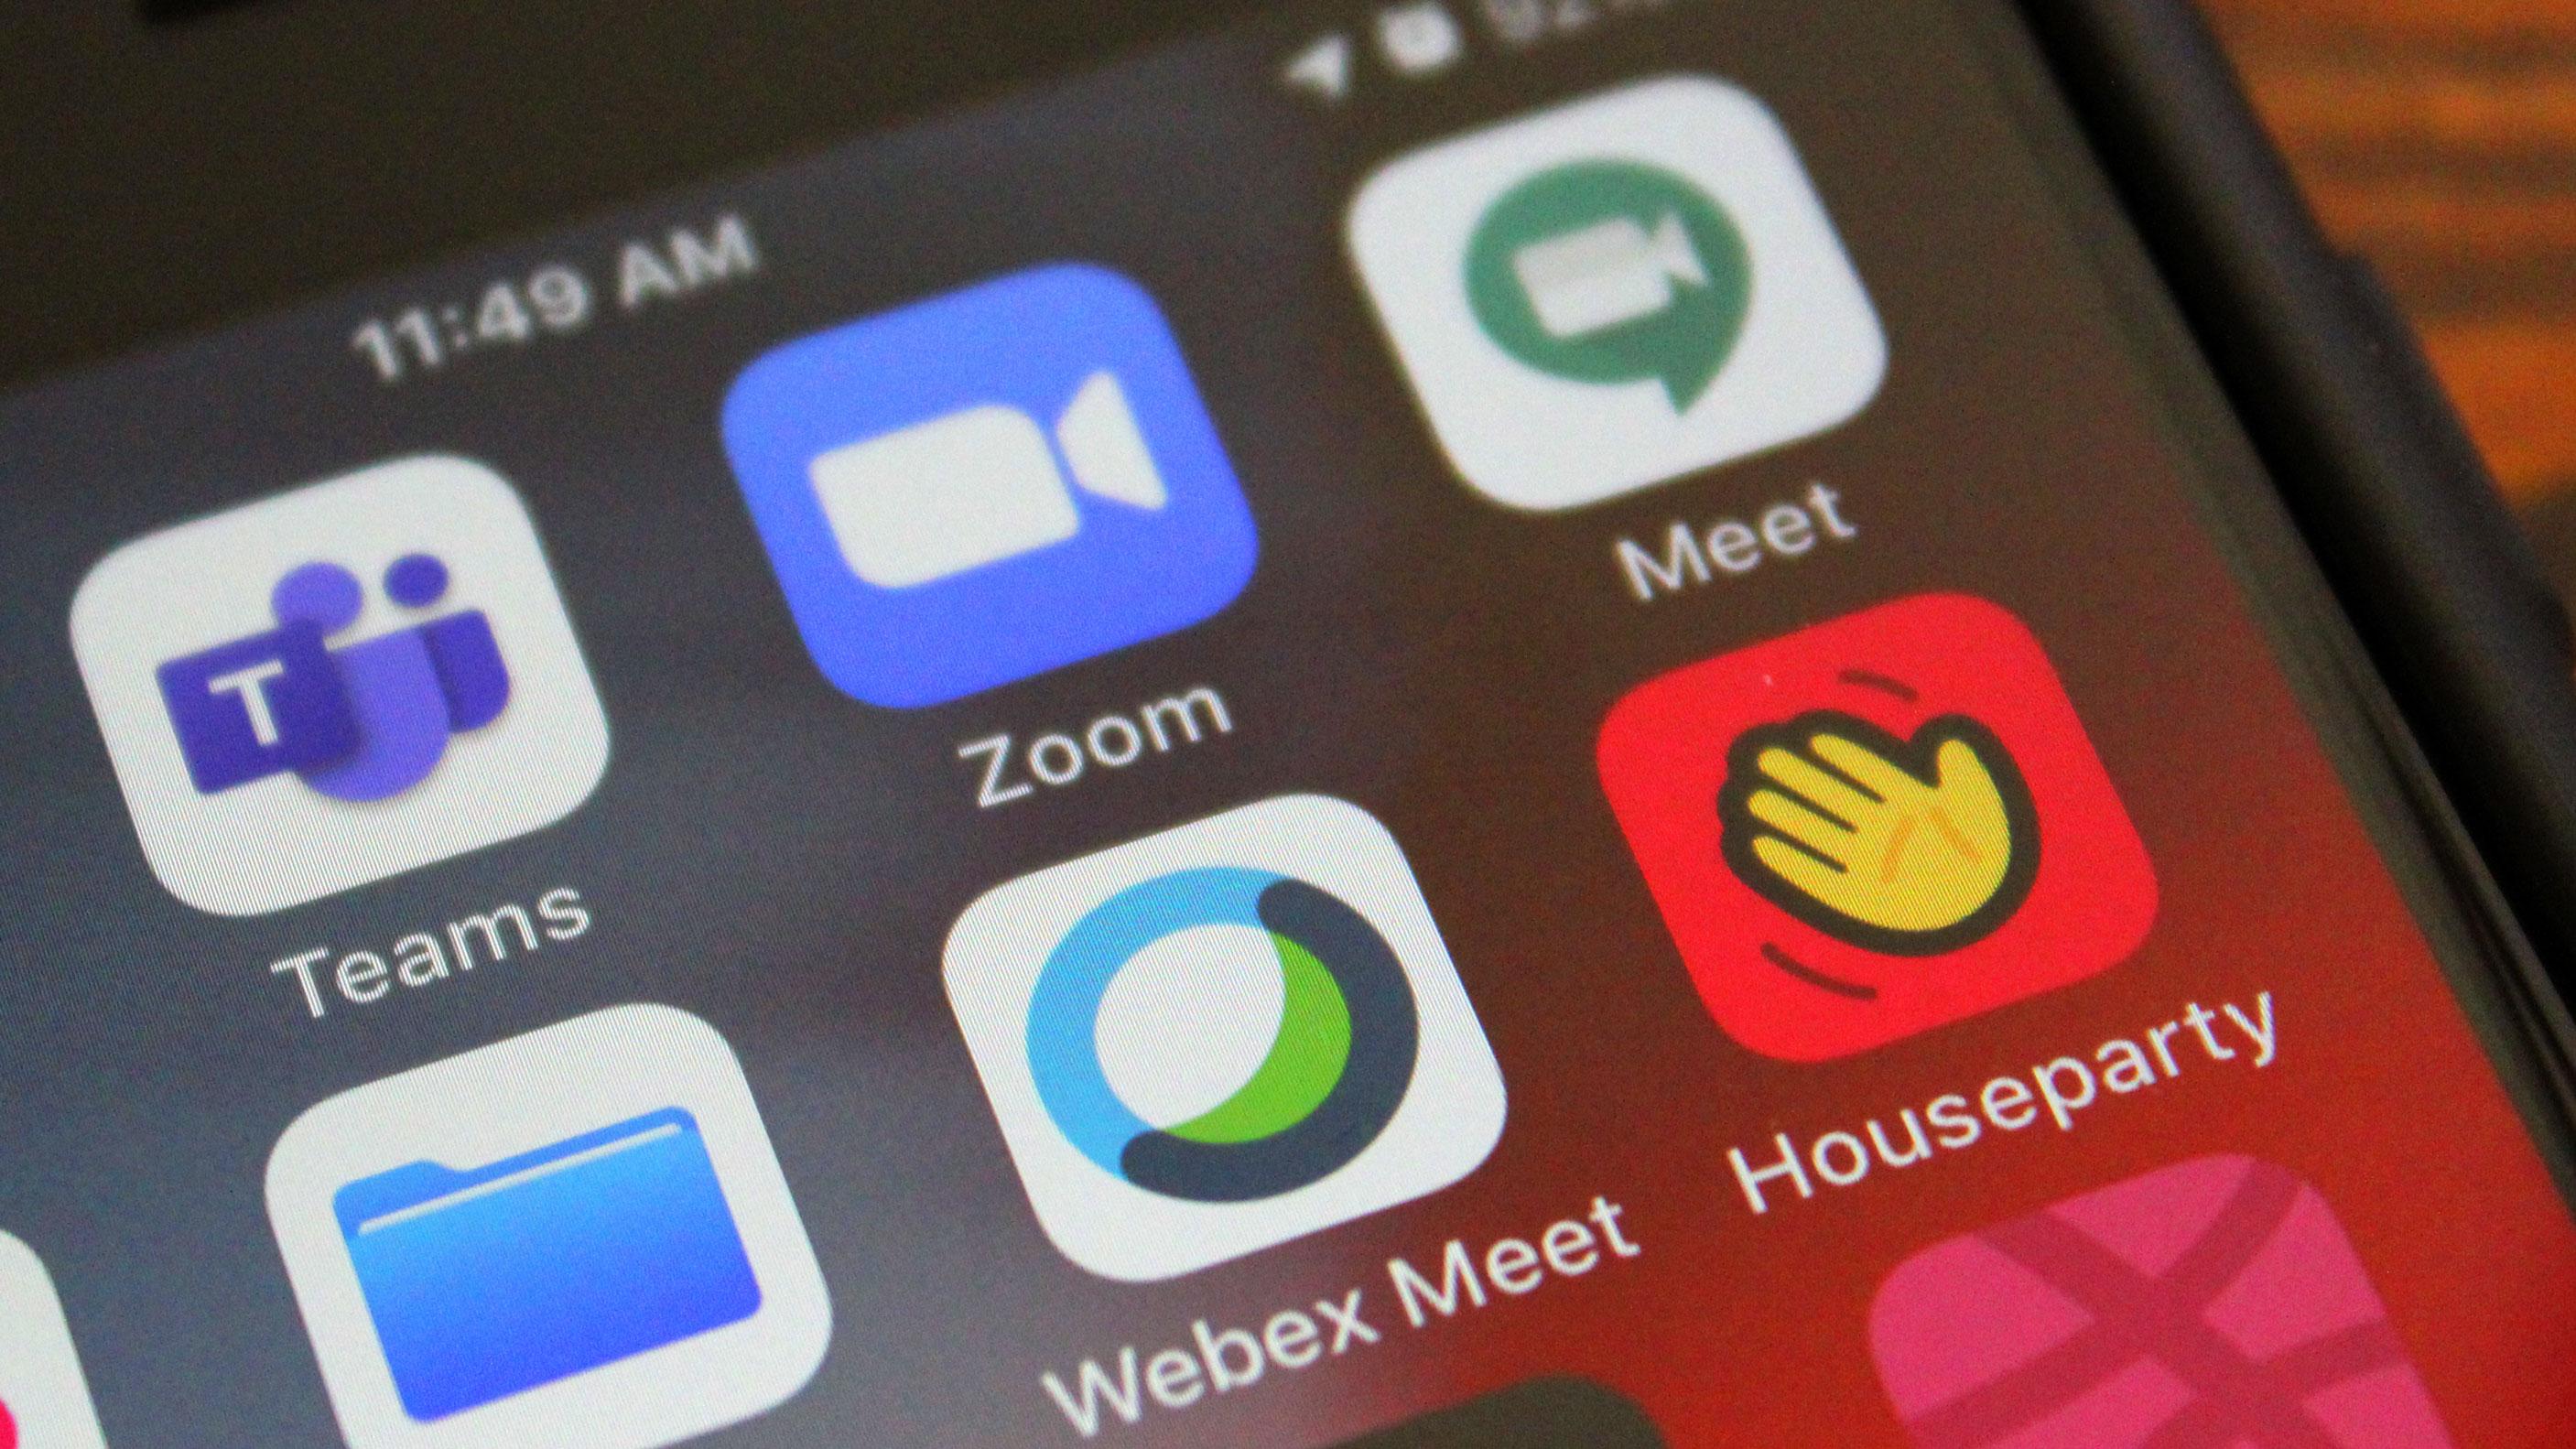 Les applications de vidéoconférence ont enregistré un record de 62 millions de téléchargements en une semaine en mars